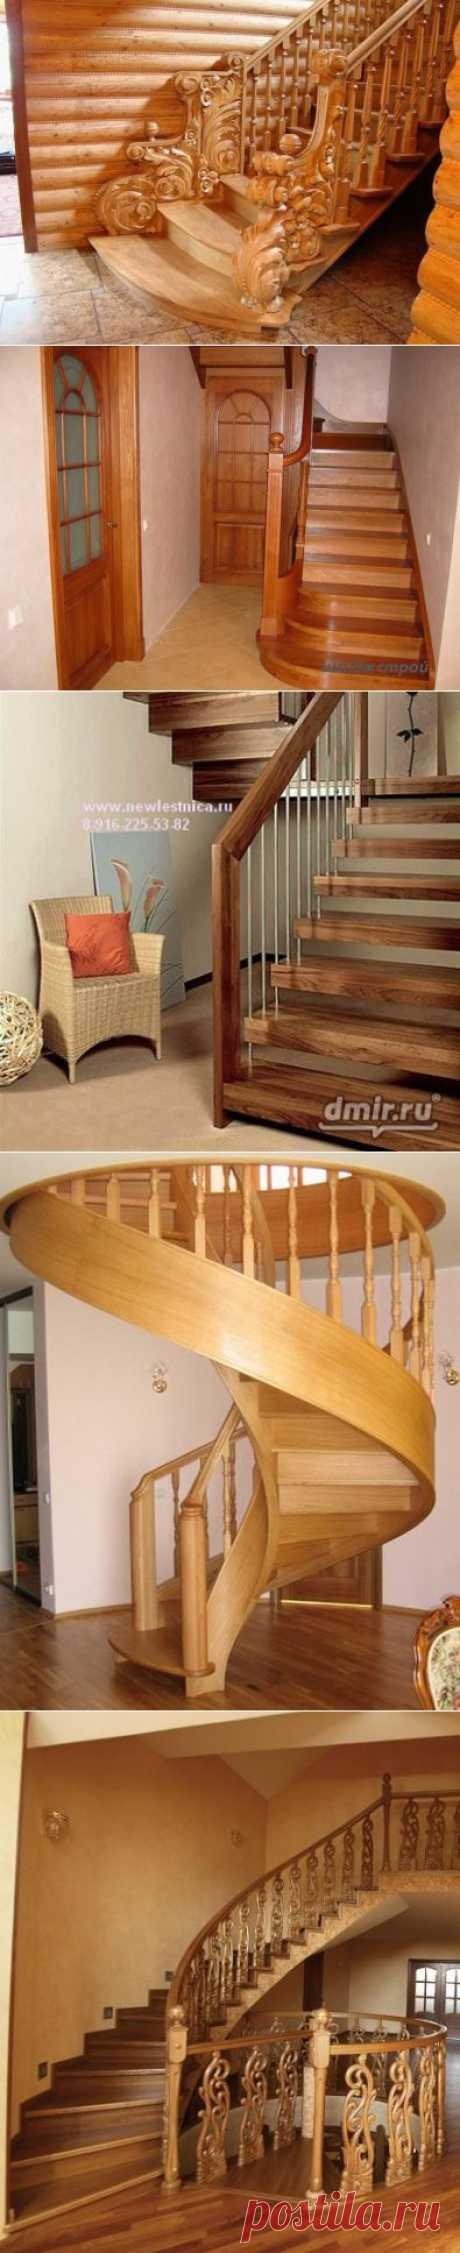 Красивые деревянные лестницы. | ВСЁ ДЛЯ ДОМА